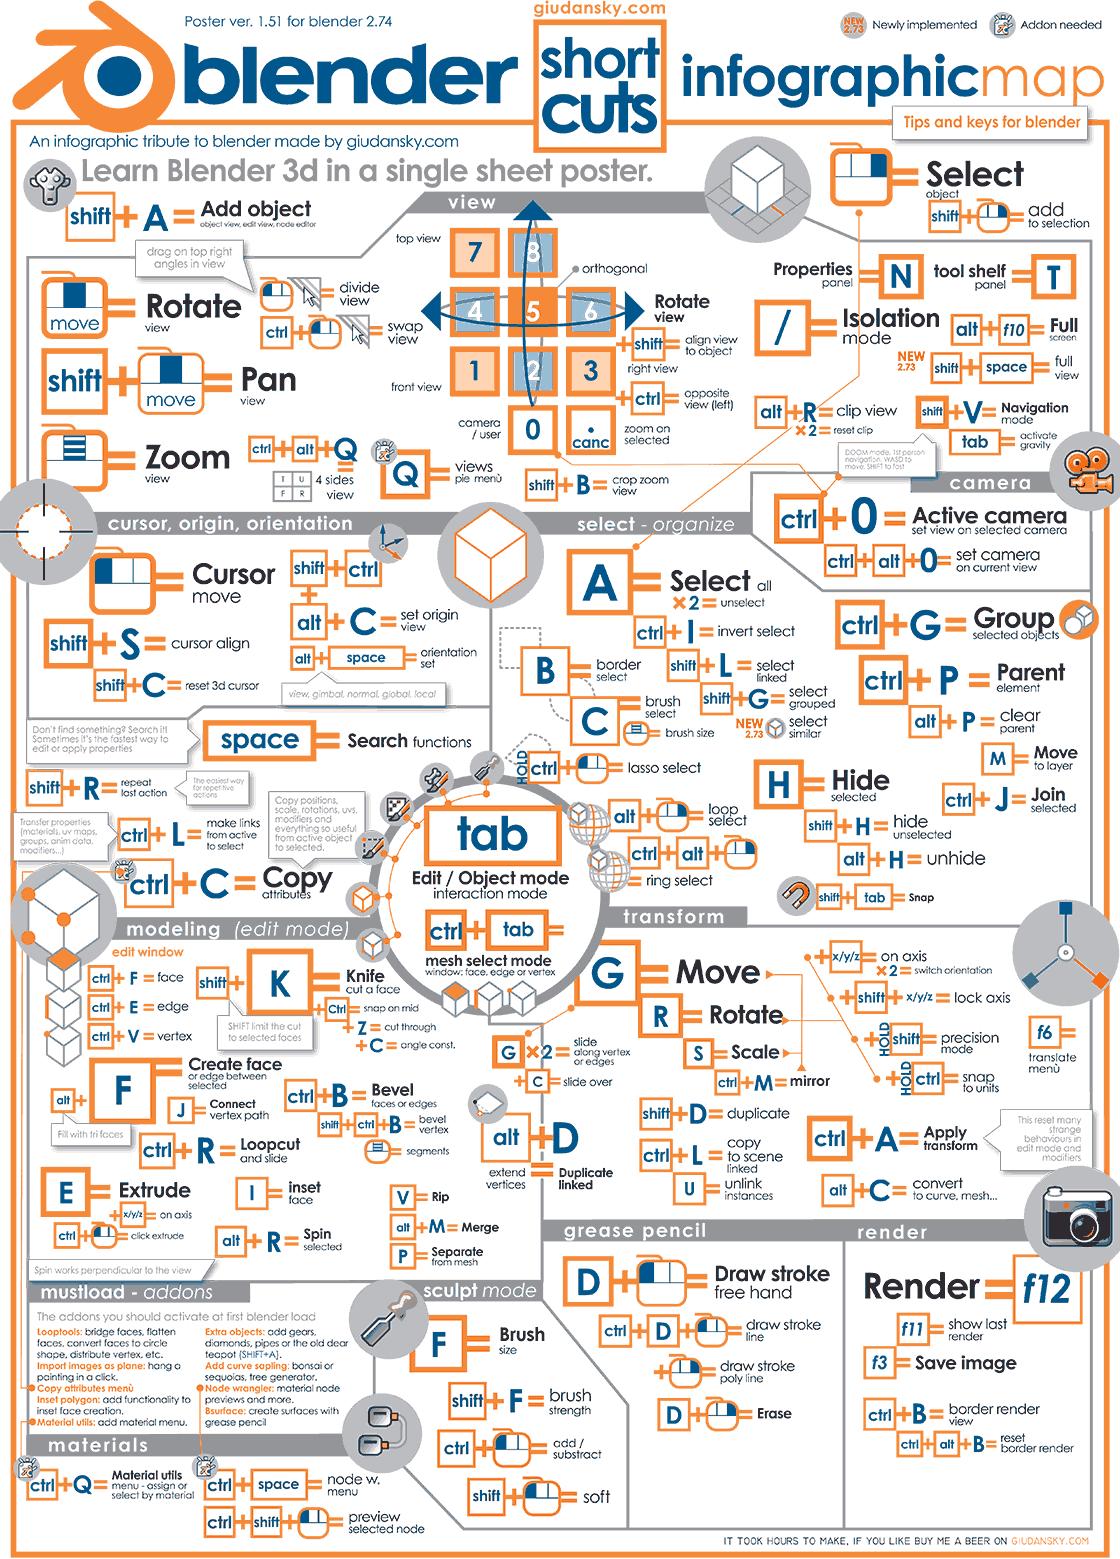 los atajos de teclado de blender en un mapa infográfico in 2018